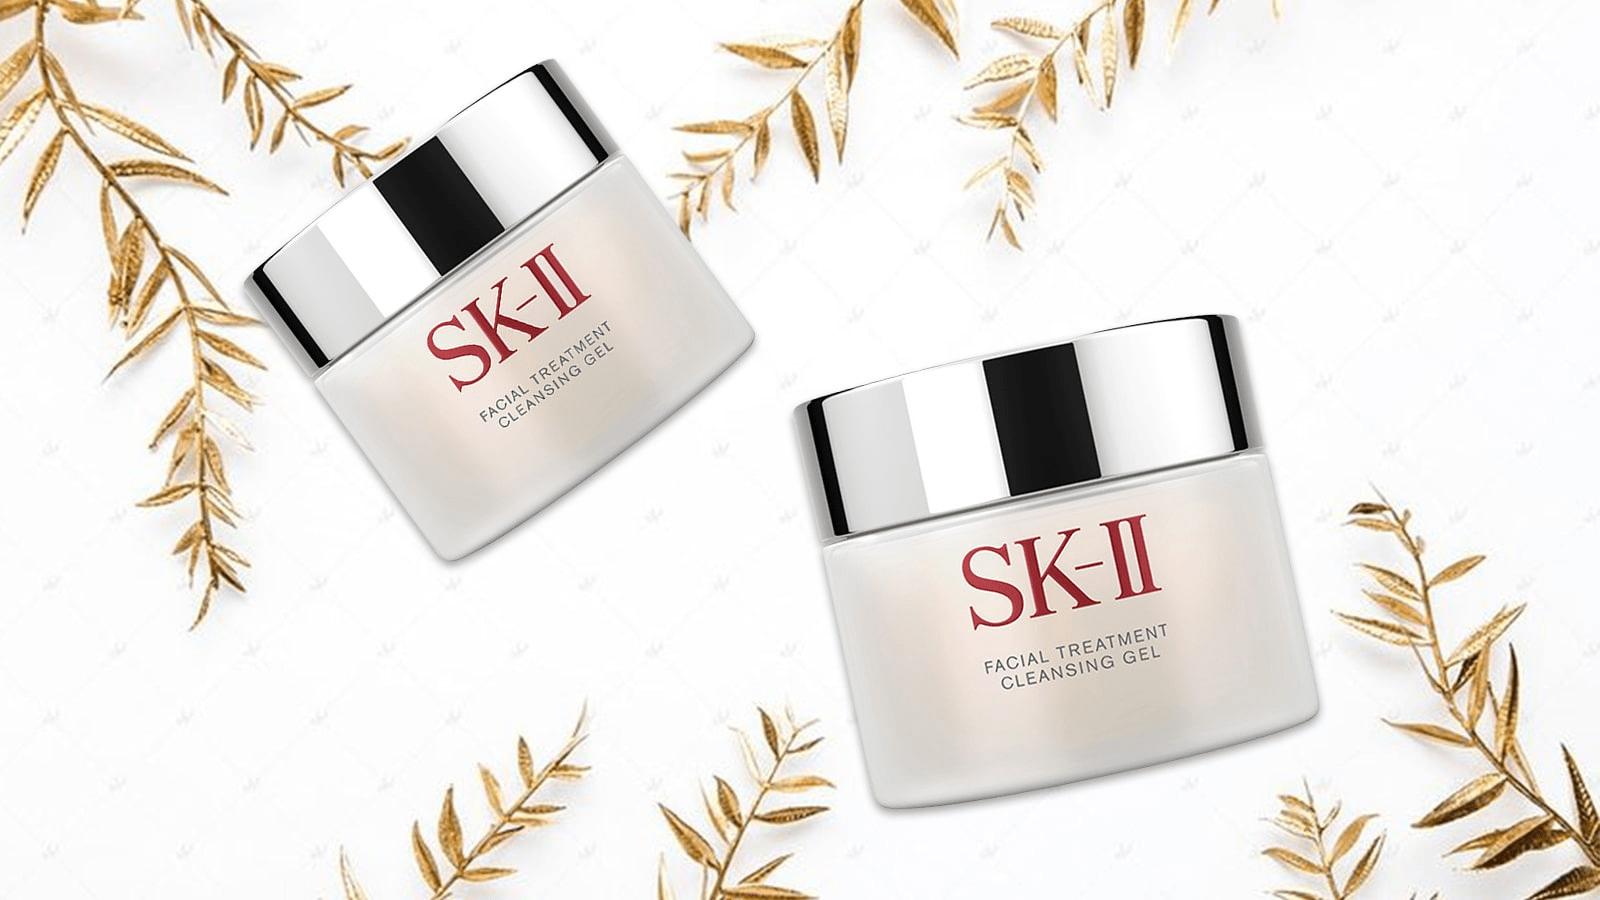 Giữ sạch làn da với Gel tẩy trang SK-II Facial Treatment Cleansing Gel 80g